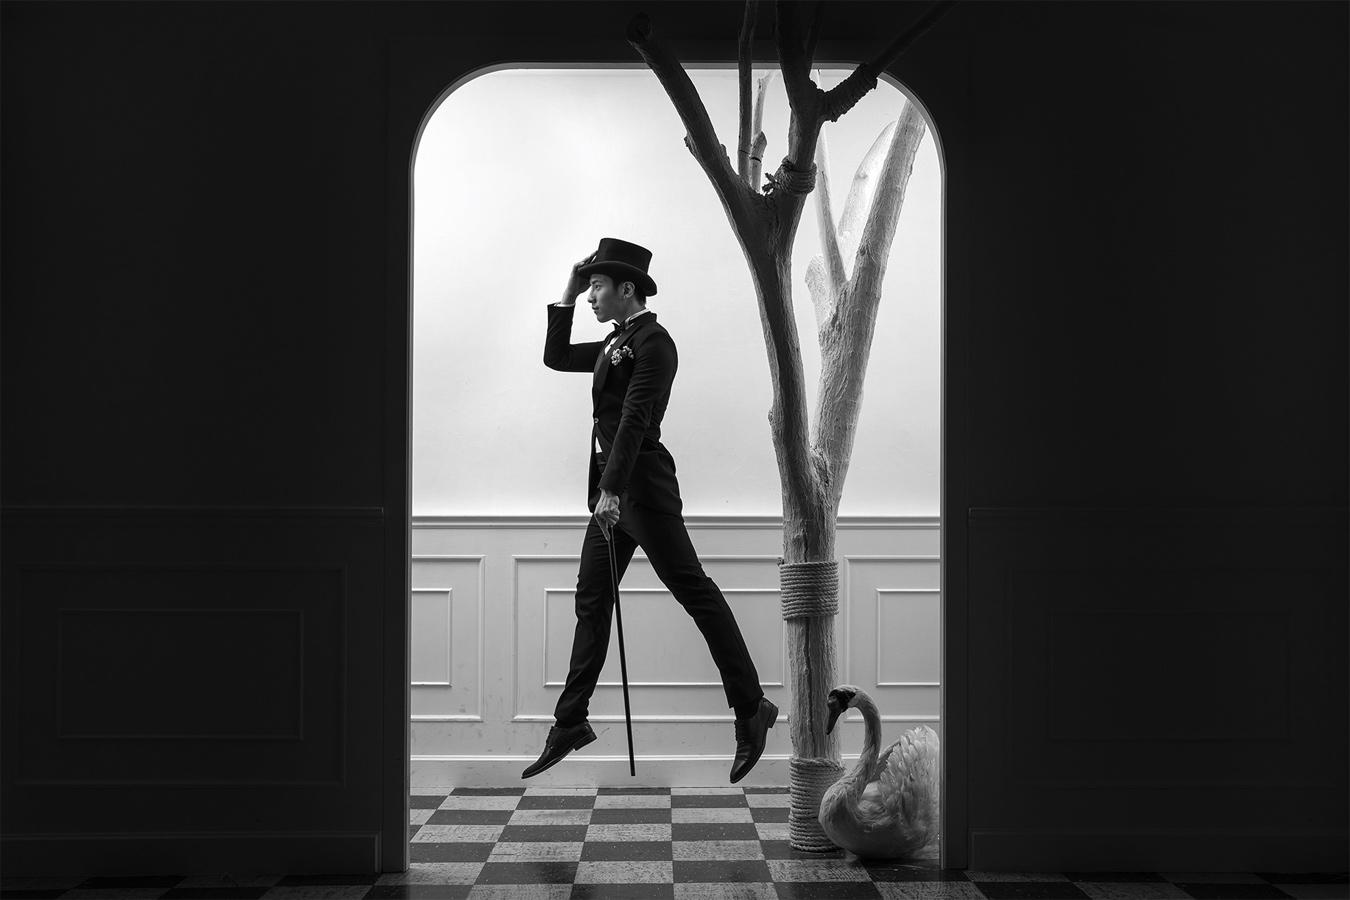 Лено Оой / Leno Ooi, Первое место в категории «Творчество — Жених в одиночестве: День вне свадьбы», Фотоконкурс WPPI Annual Print Competition